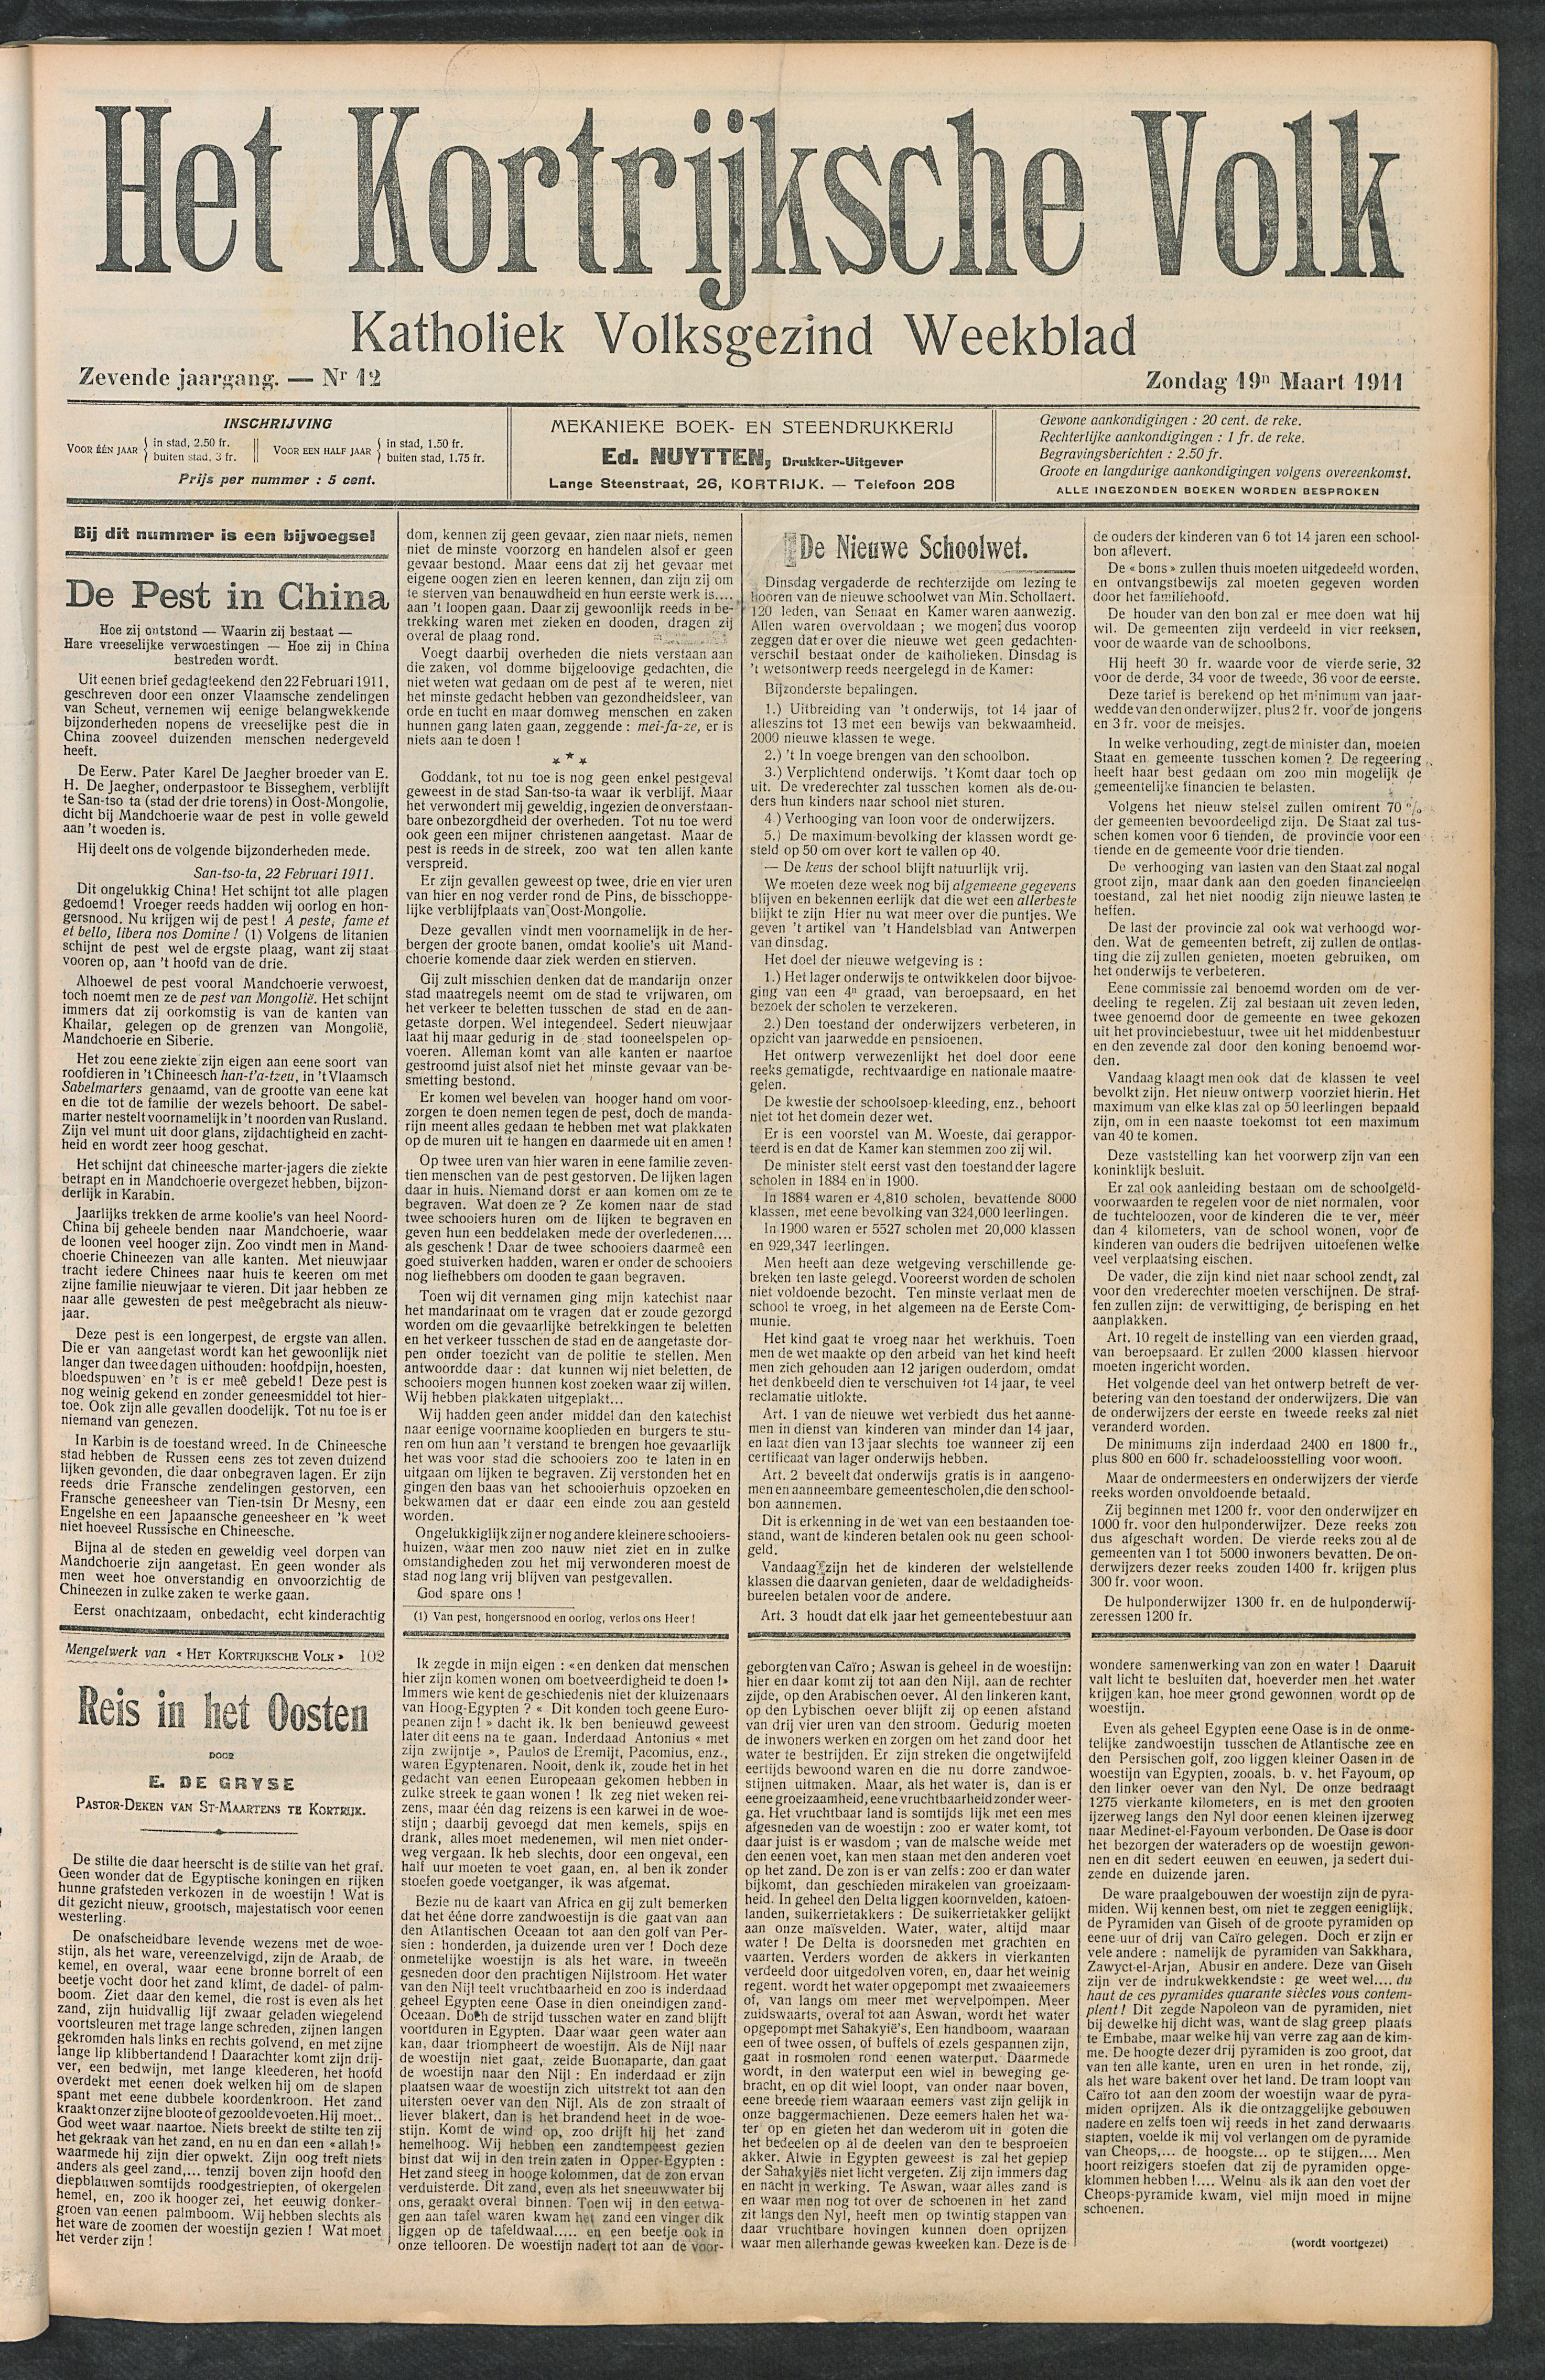 Het Kortrijksche Volk 1911-03-19 p1